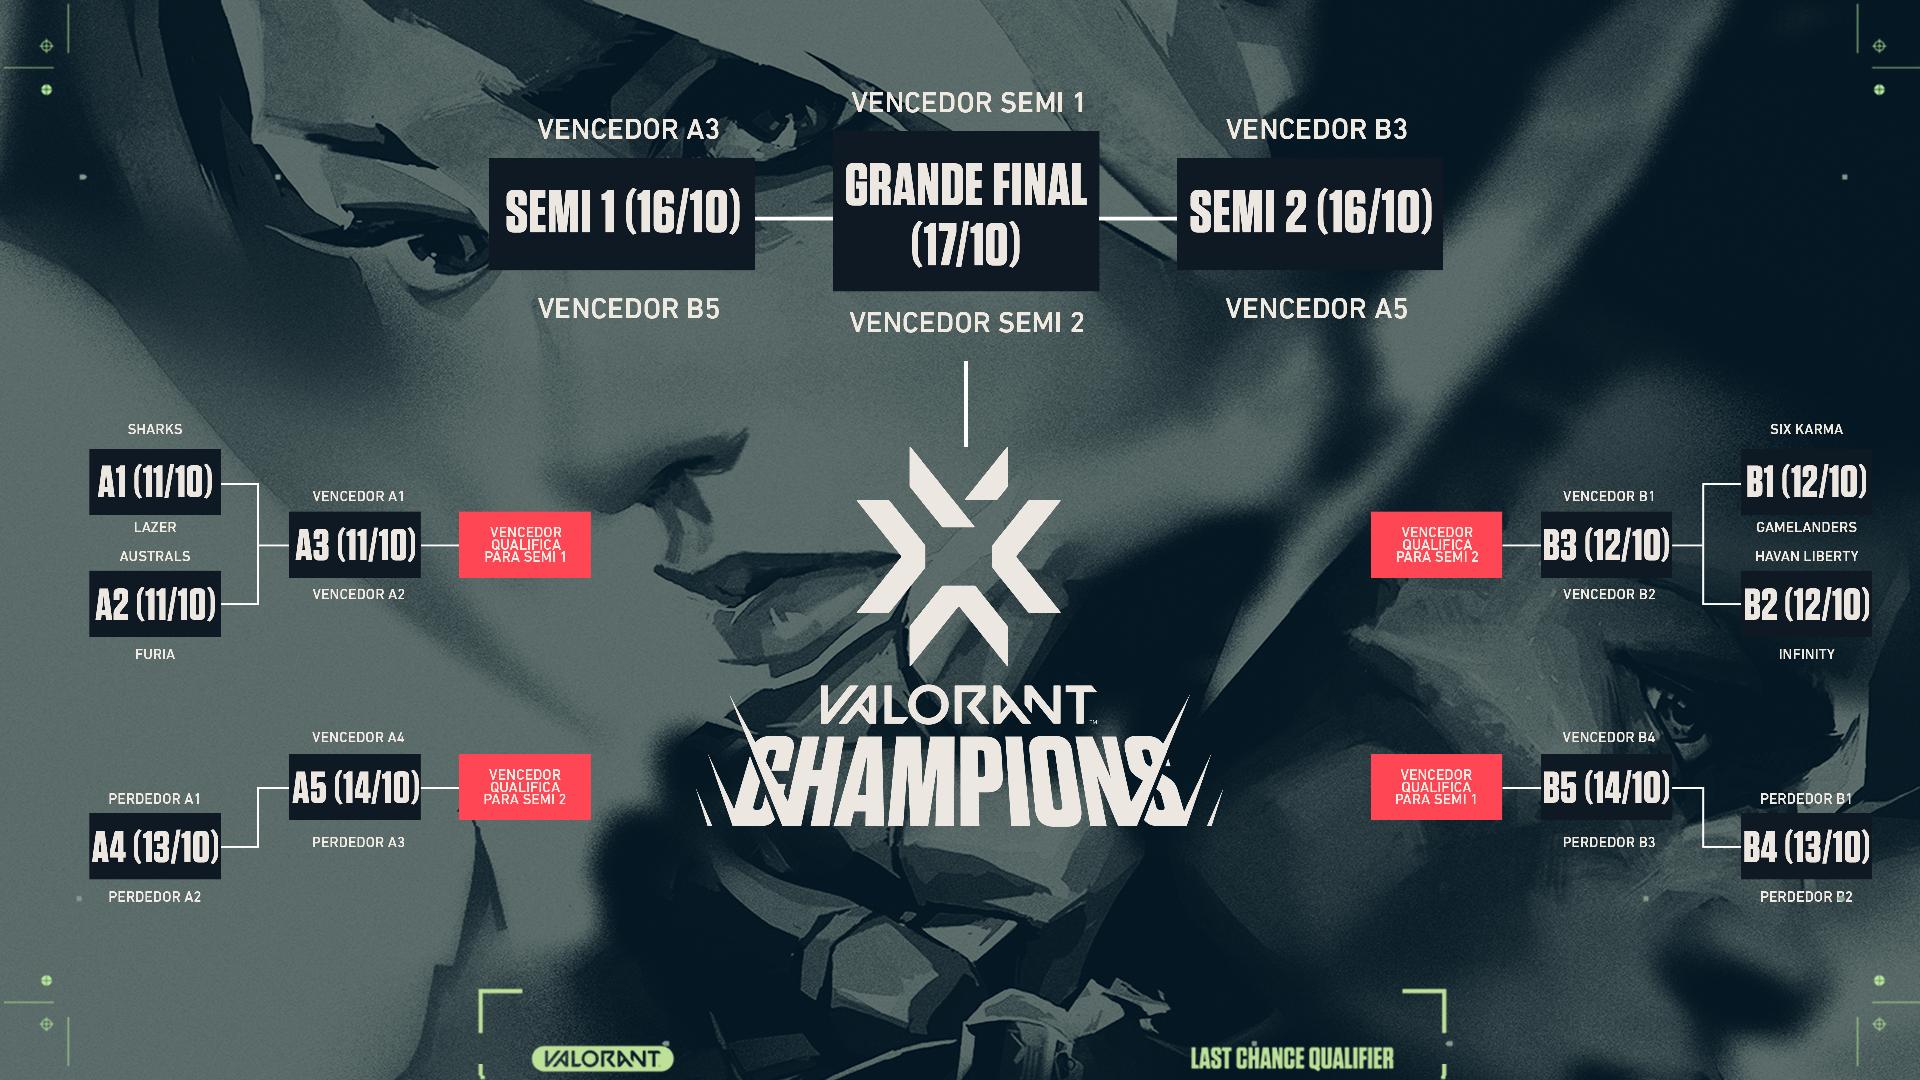 Tabela de etapas do VALORANT Last Chance Qualifier   Divulgação/Riot Games.